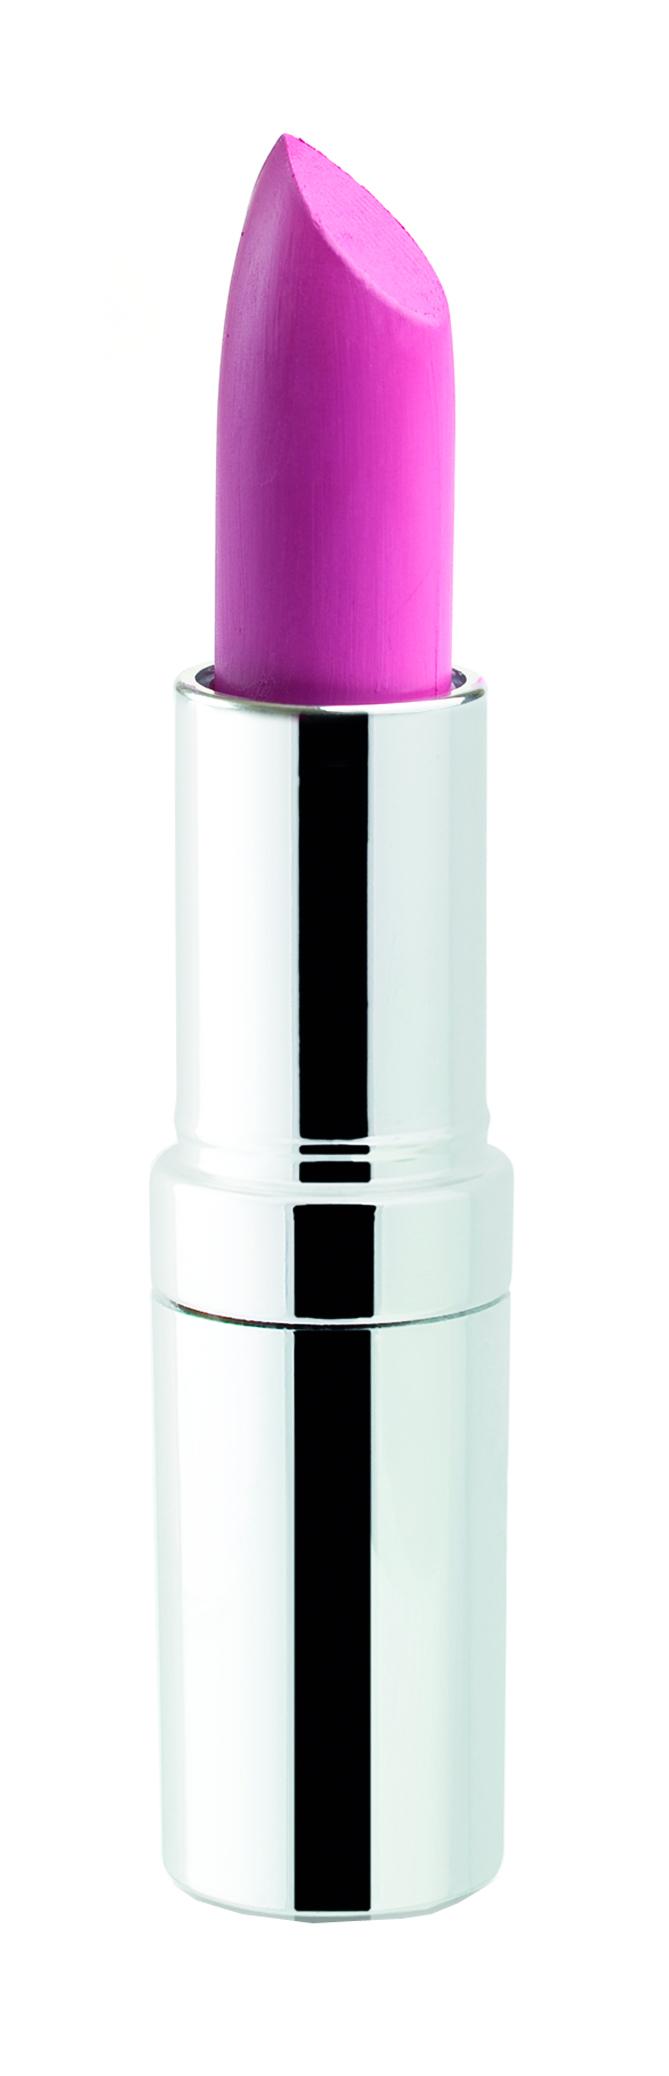 SEVENTEEN Помада губная устойчивая матовая SPF 15, 16 пастельный / Matte Lasting Lipstick 5 г